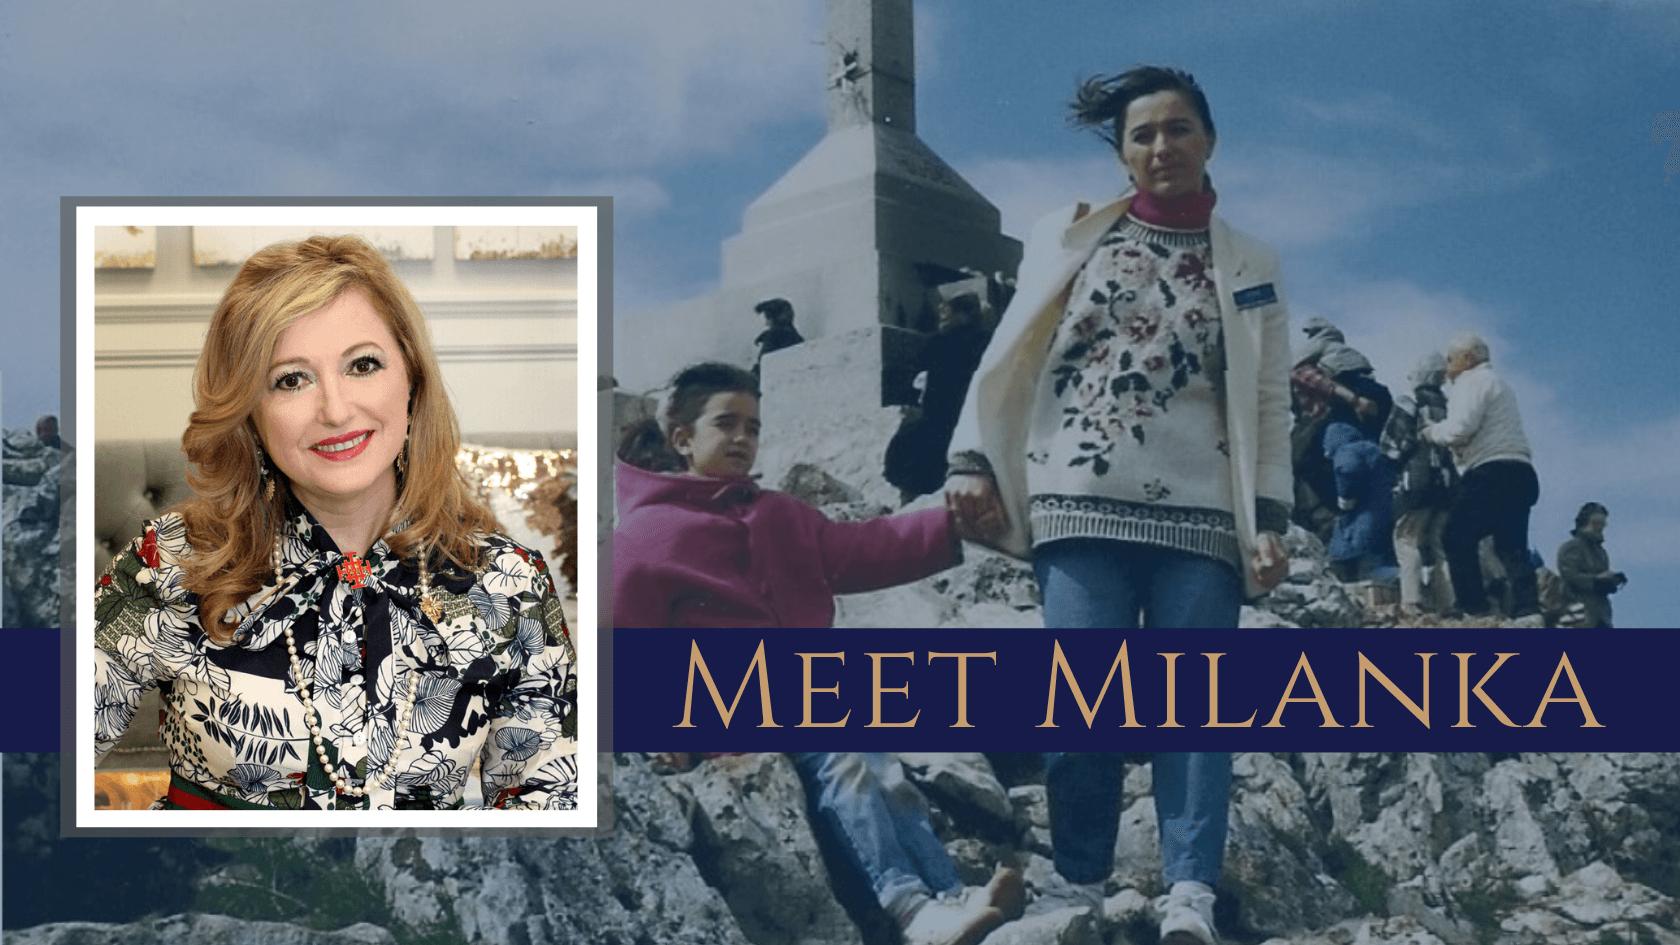 meet-milanka-lachman-206-tours